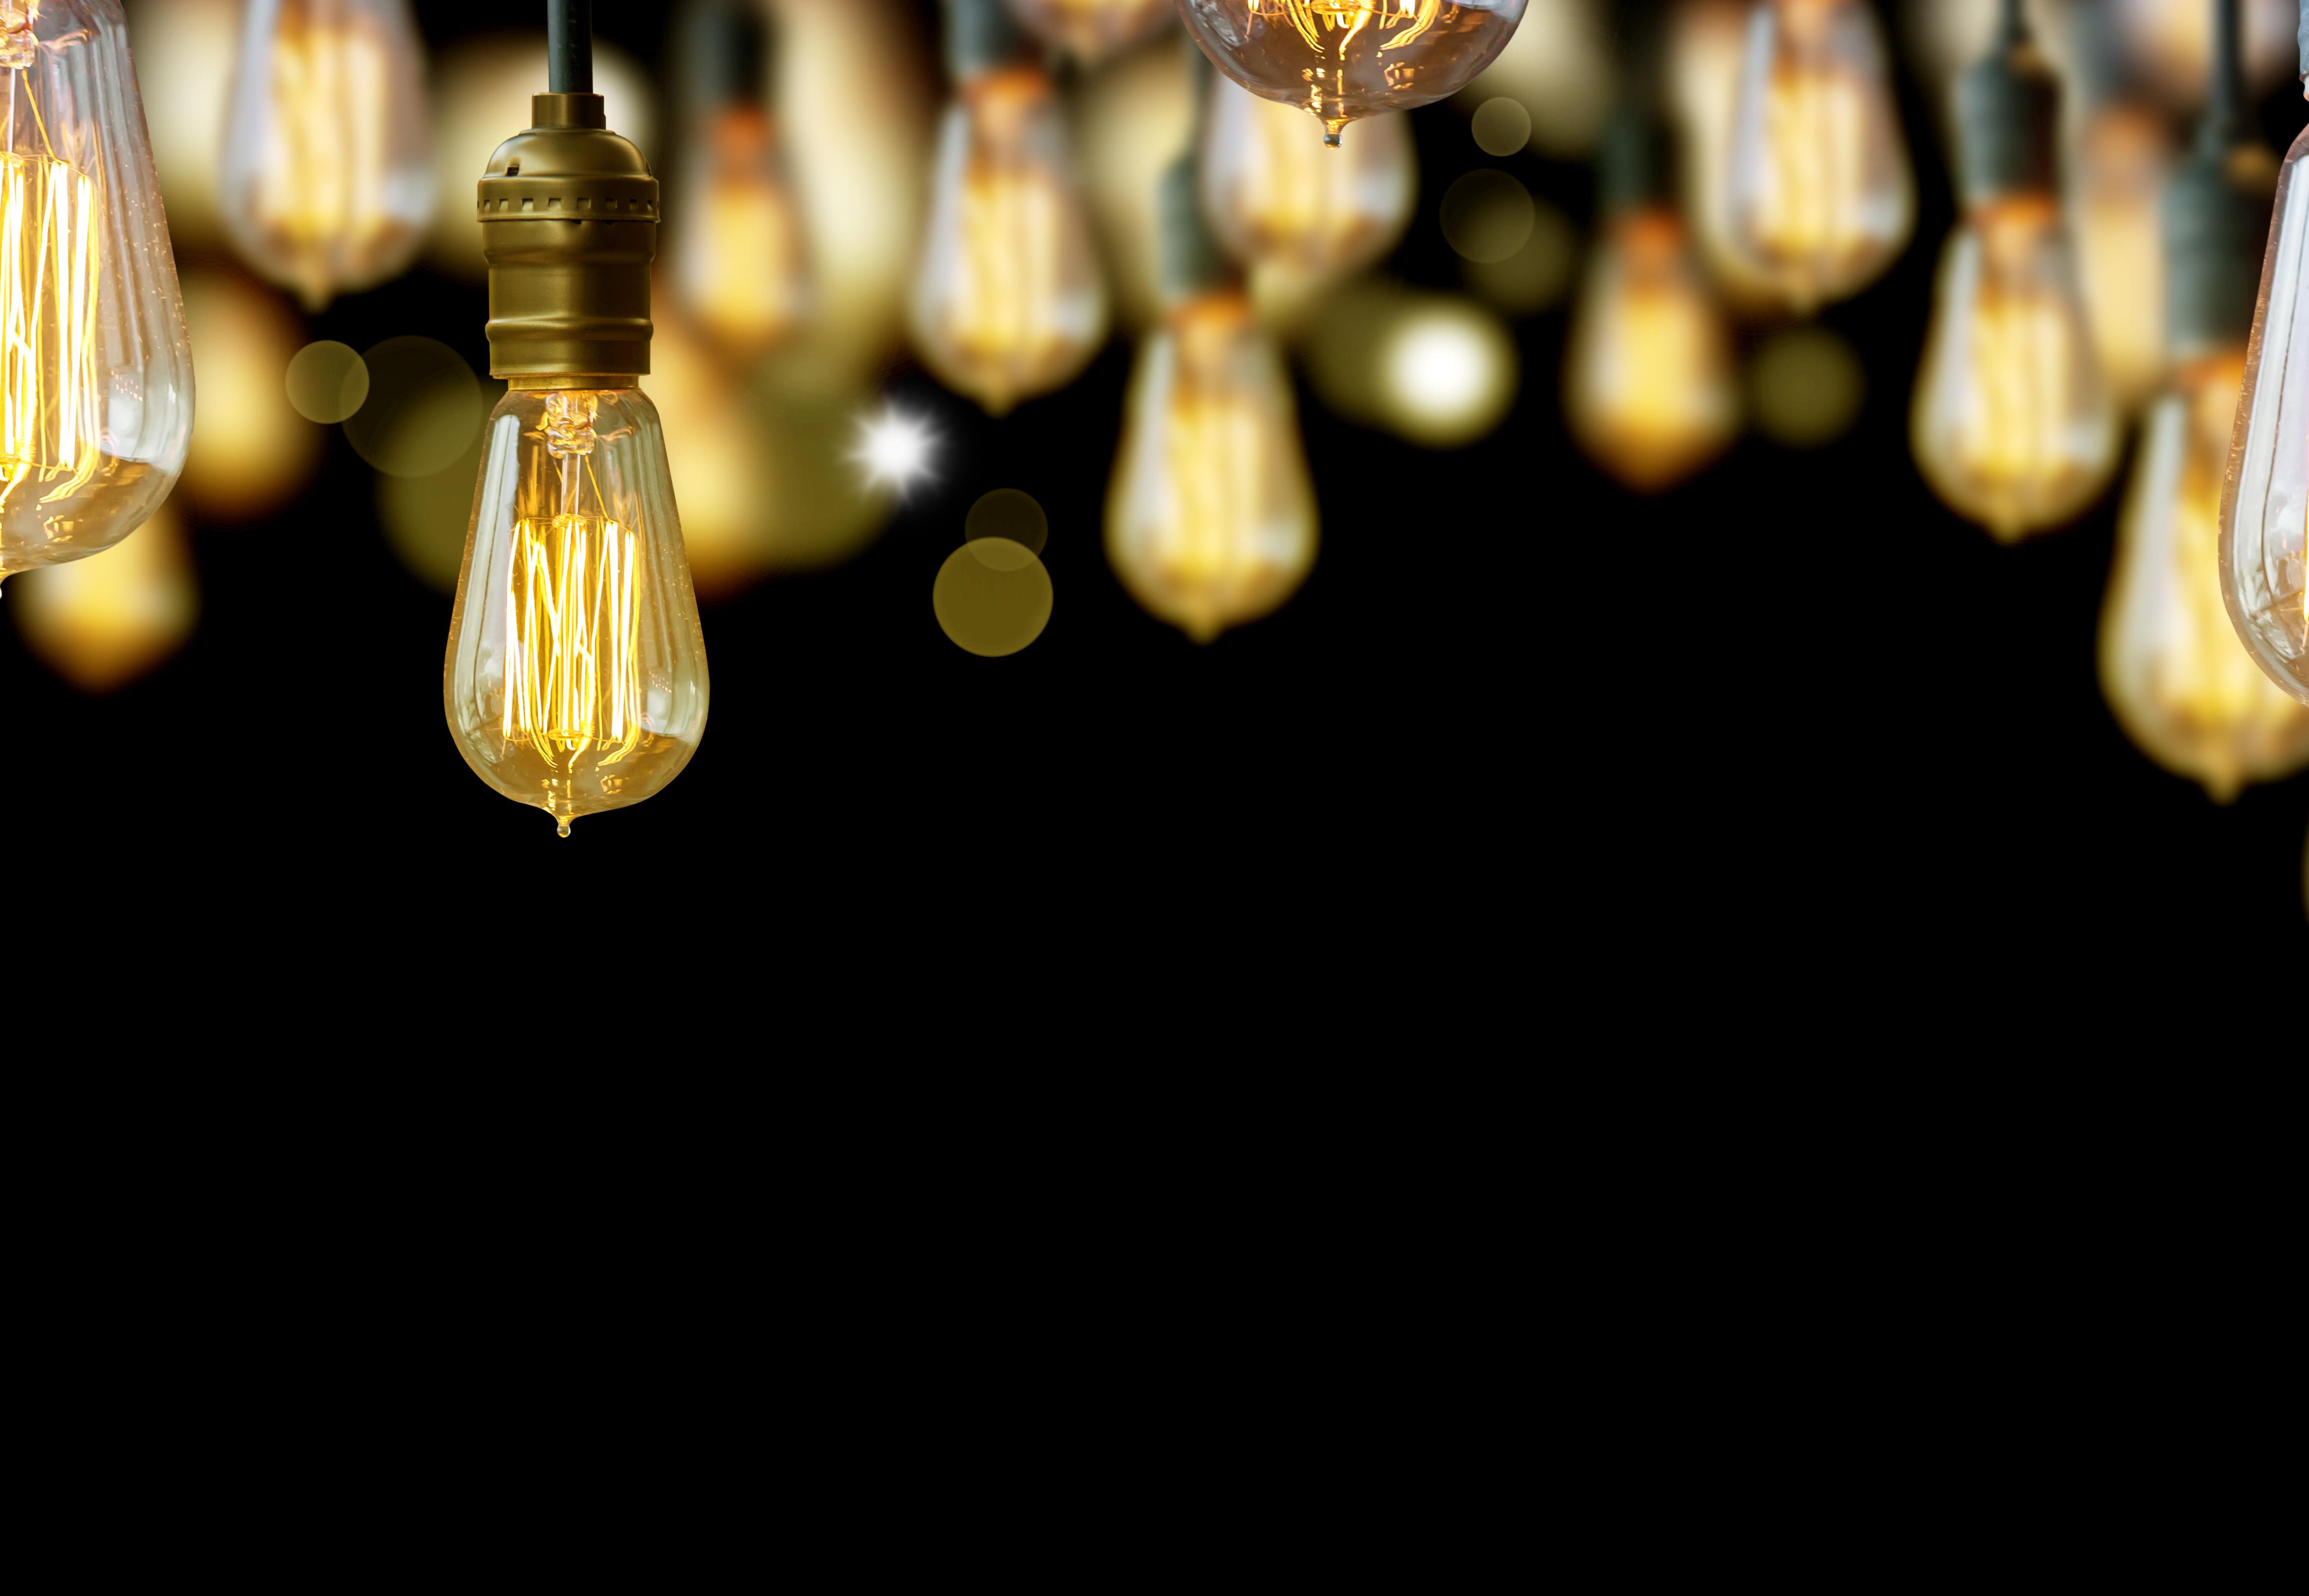 Lees ook: Verlichting maakt of breekt een interieur